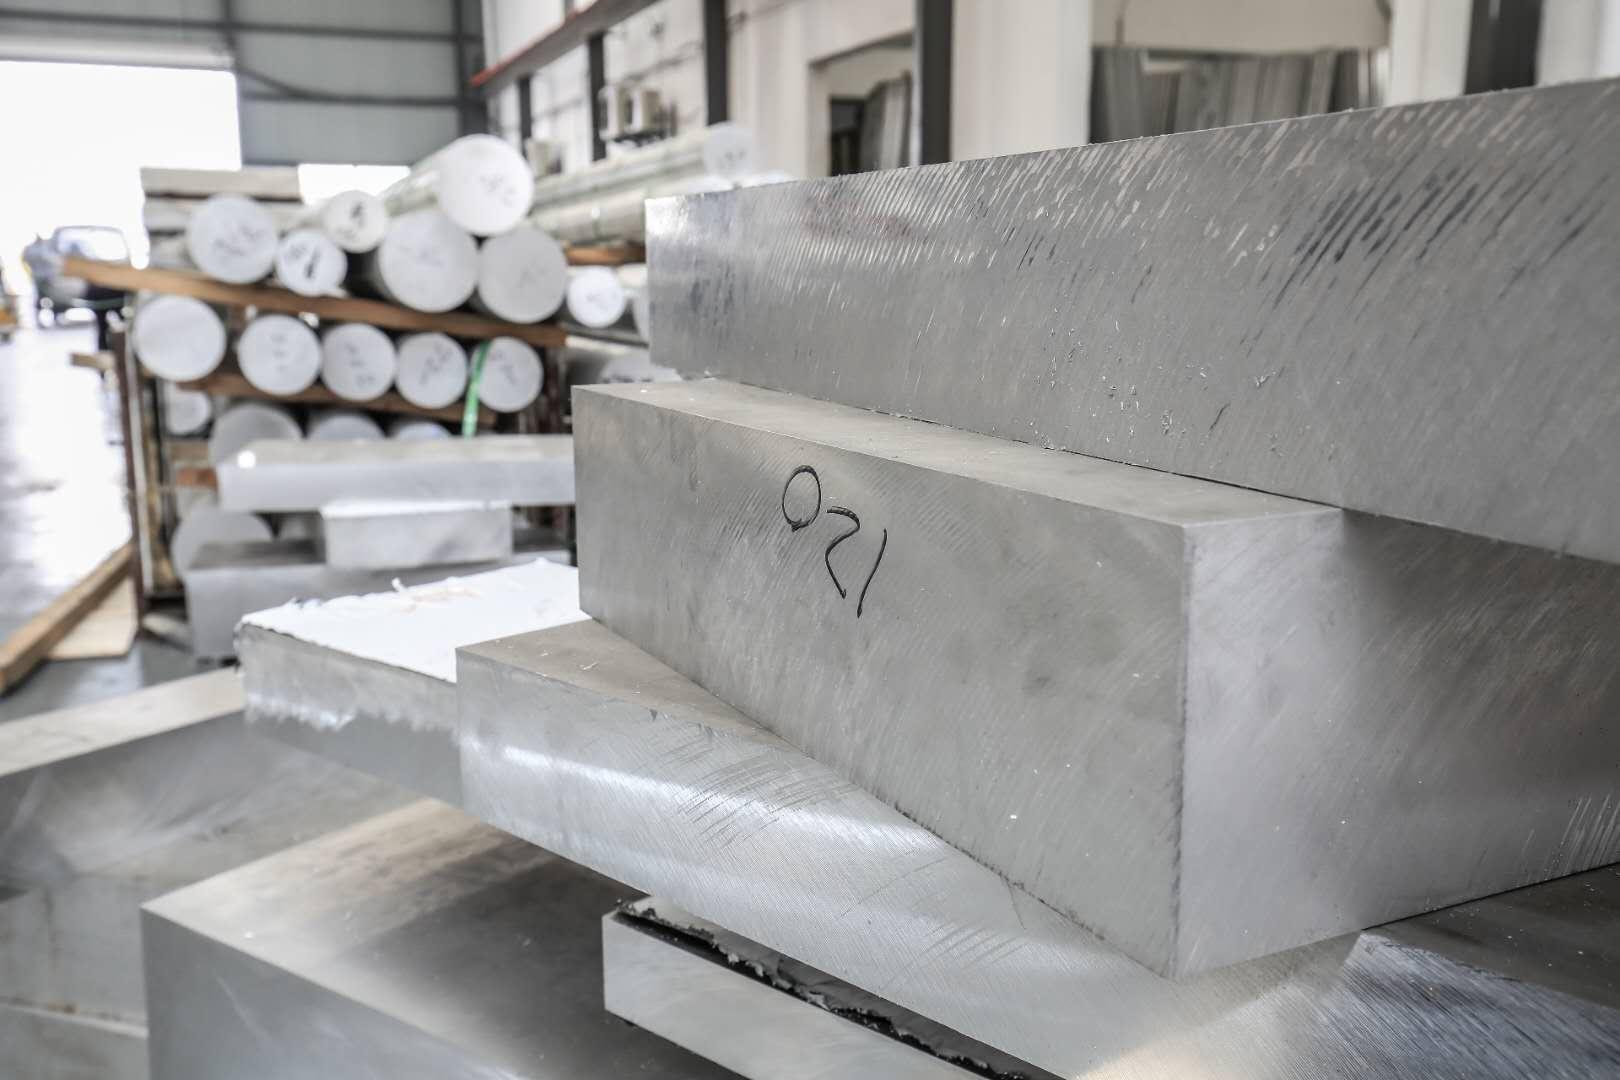 山西優質6061鋁排7075鋁排2A12鋁排2024鋁排 上海韻賢金屬制品供應「上海韻賢金屬制品供應」